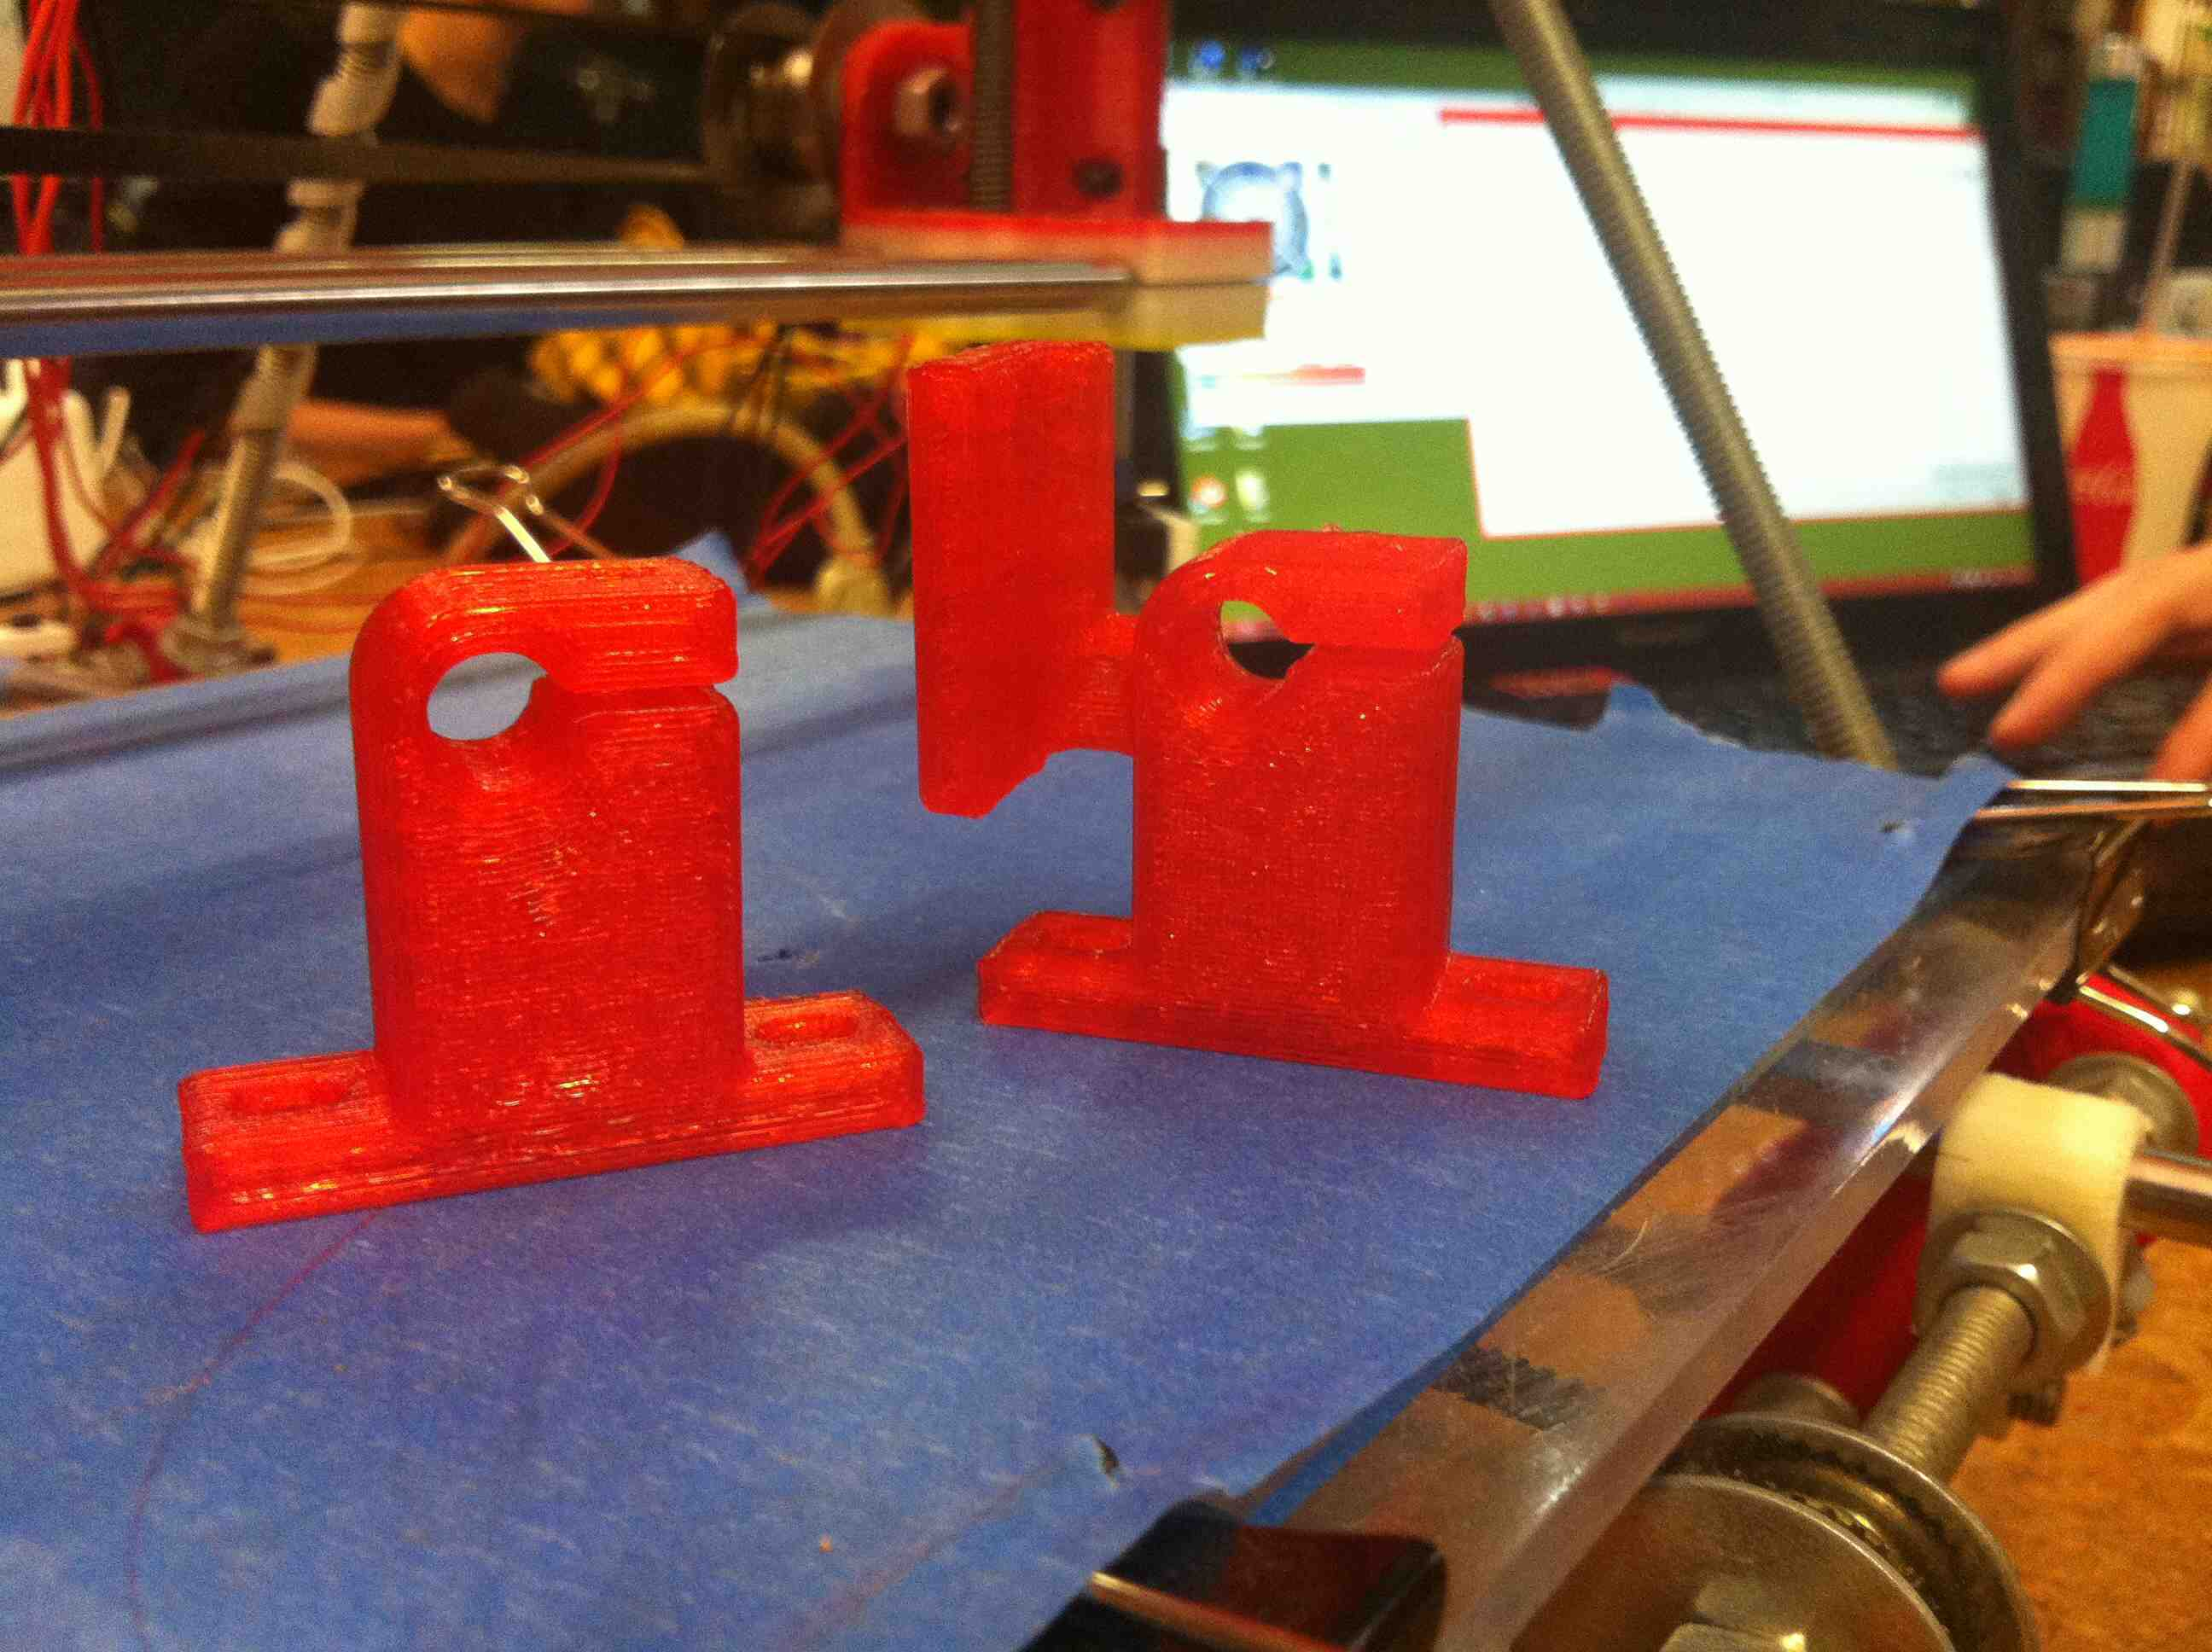 RepRap 3D printed part